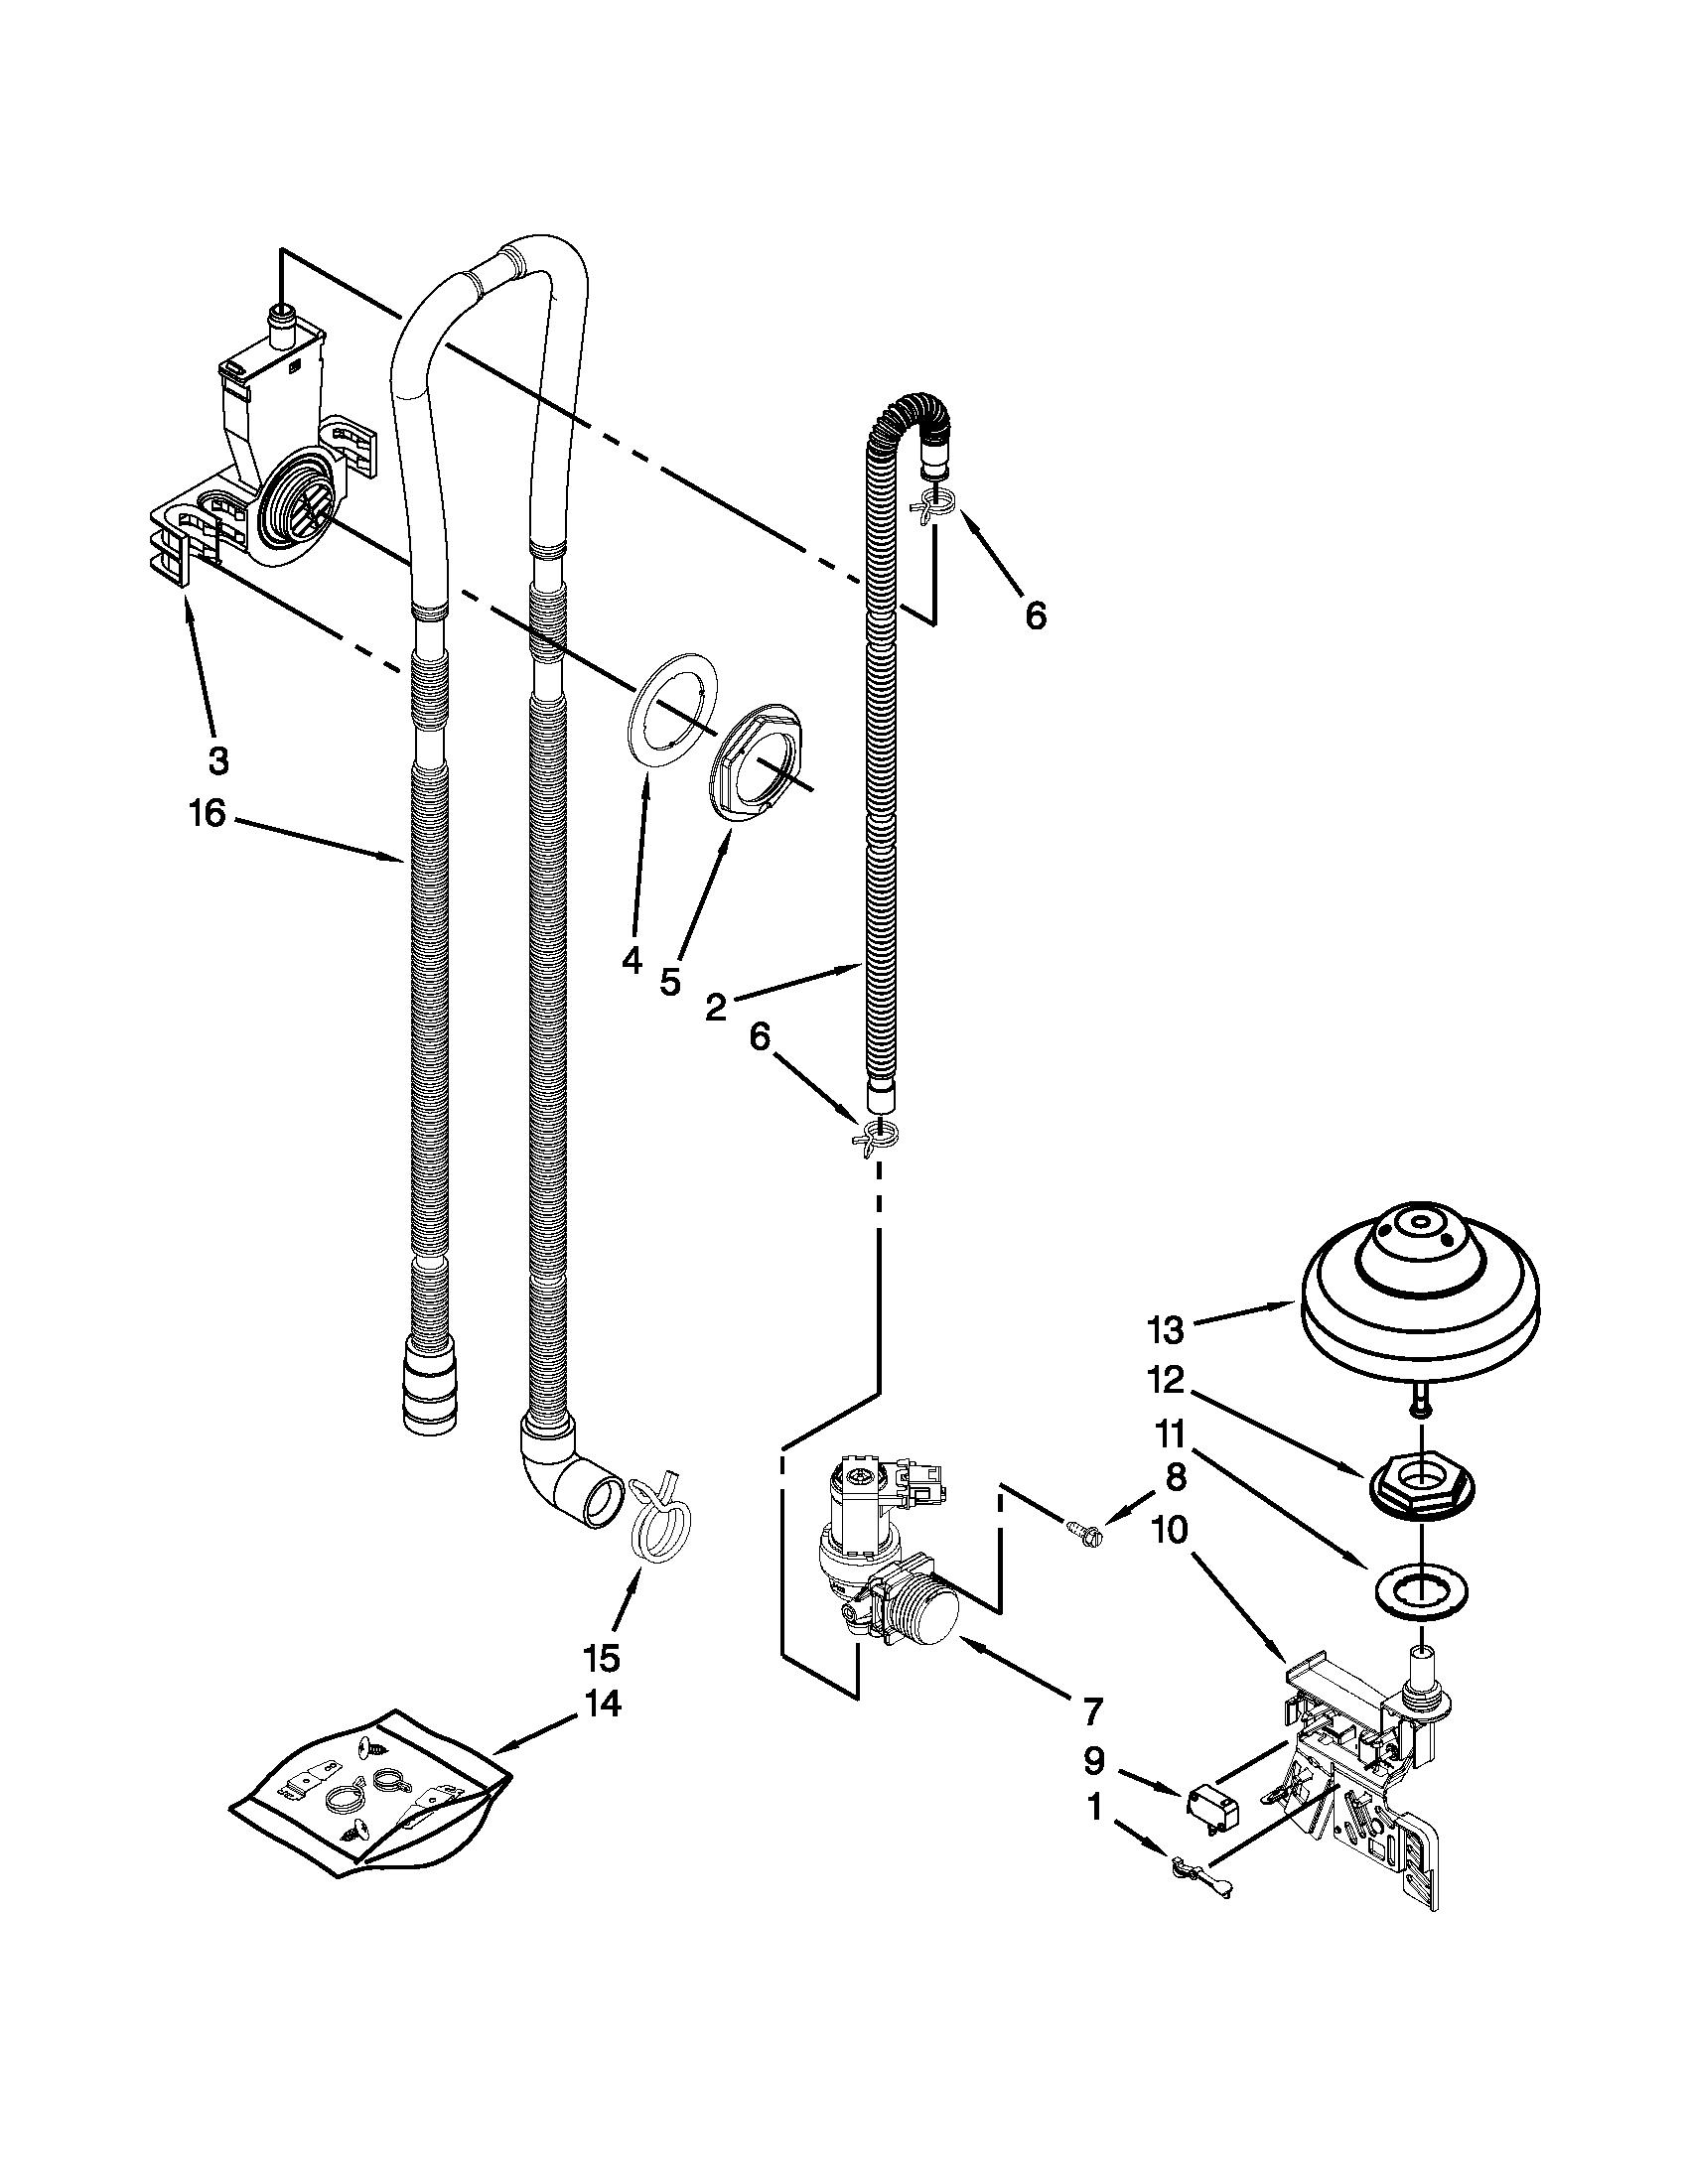 Kenmore Elite Dishwasher 630.1390 Parts Manual